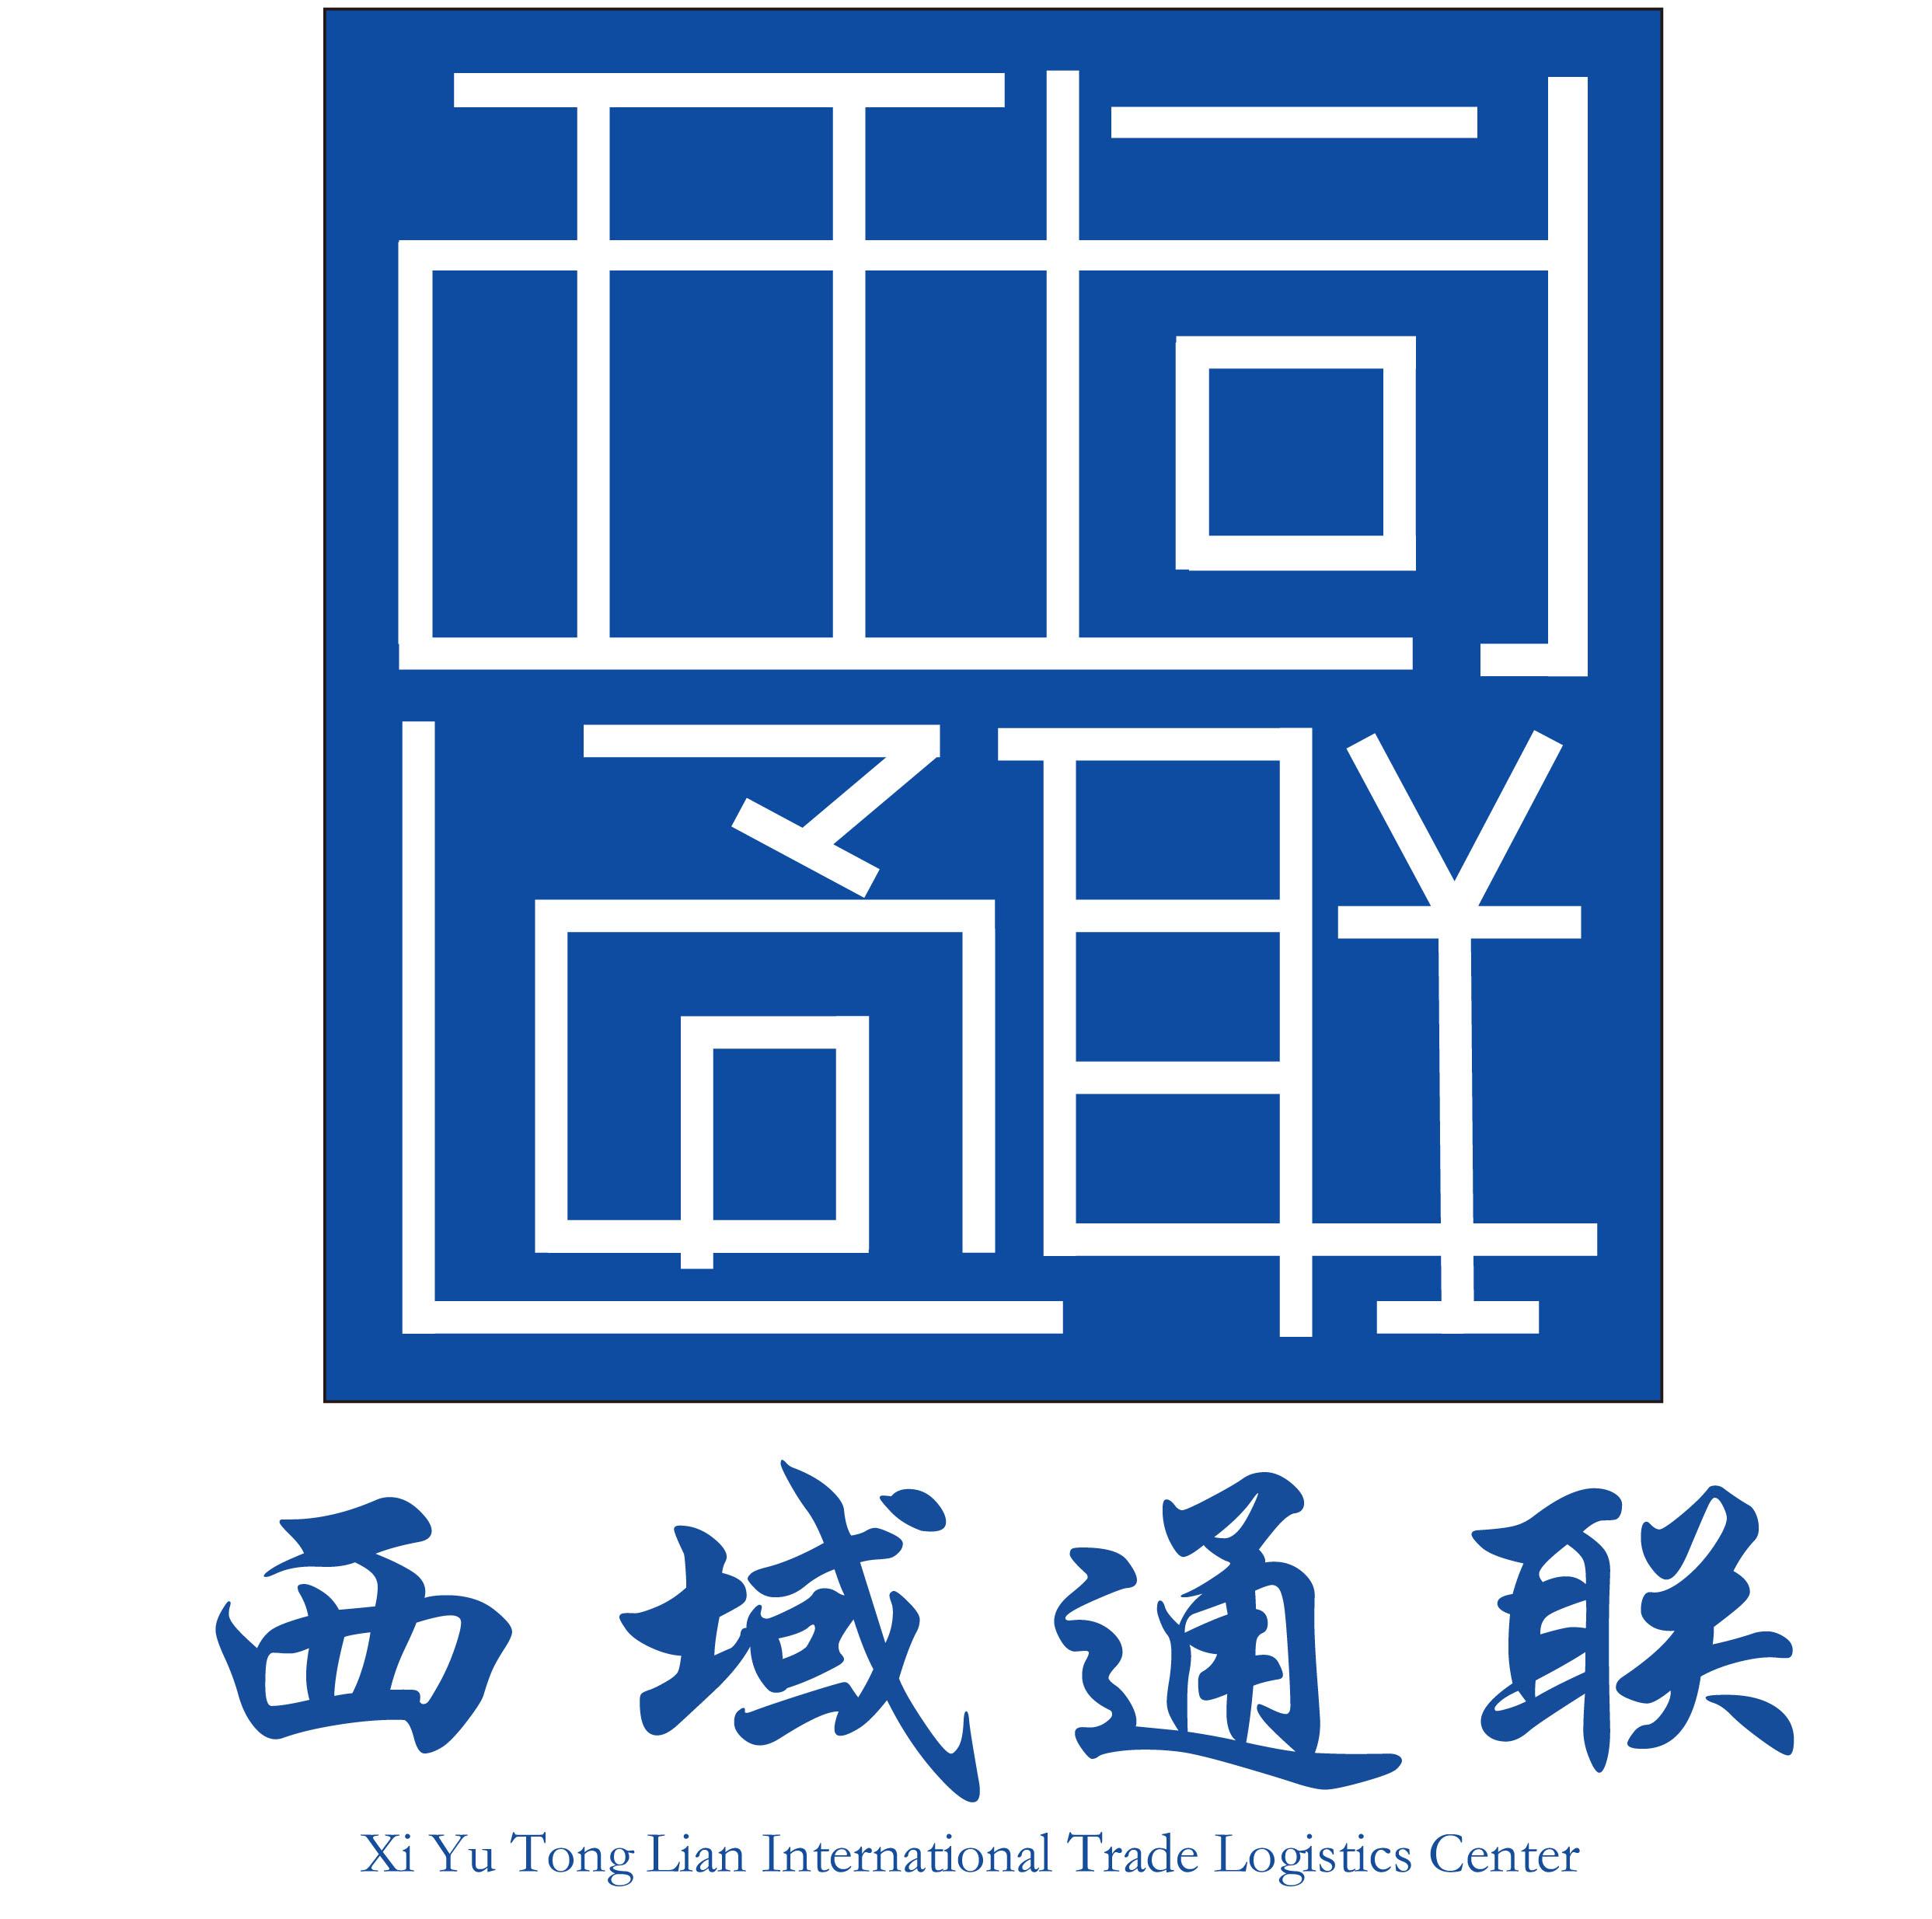 某物流中心企业logo设计